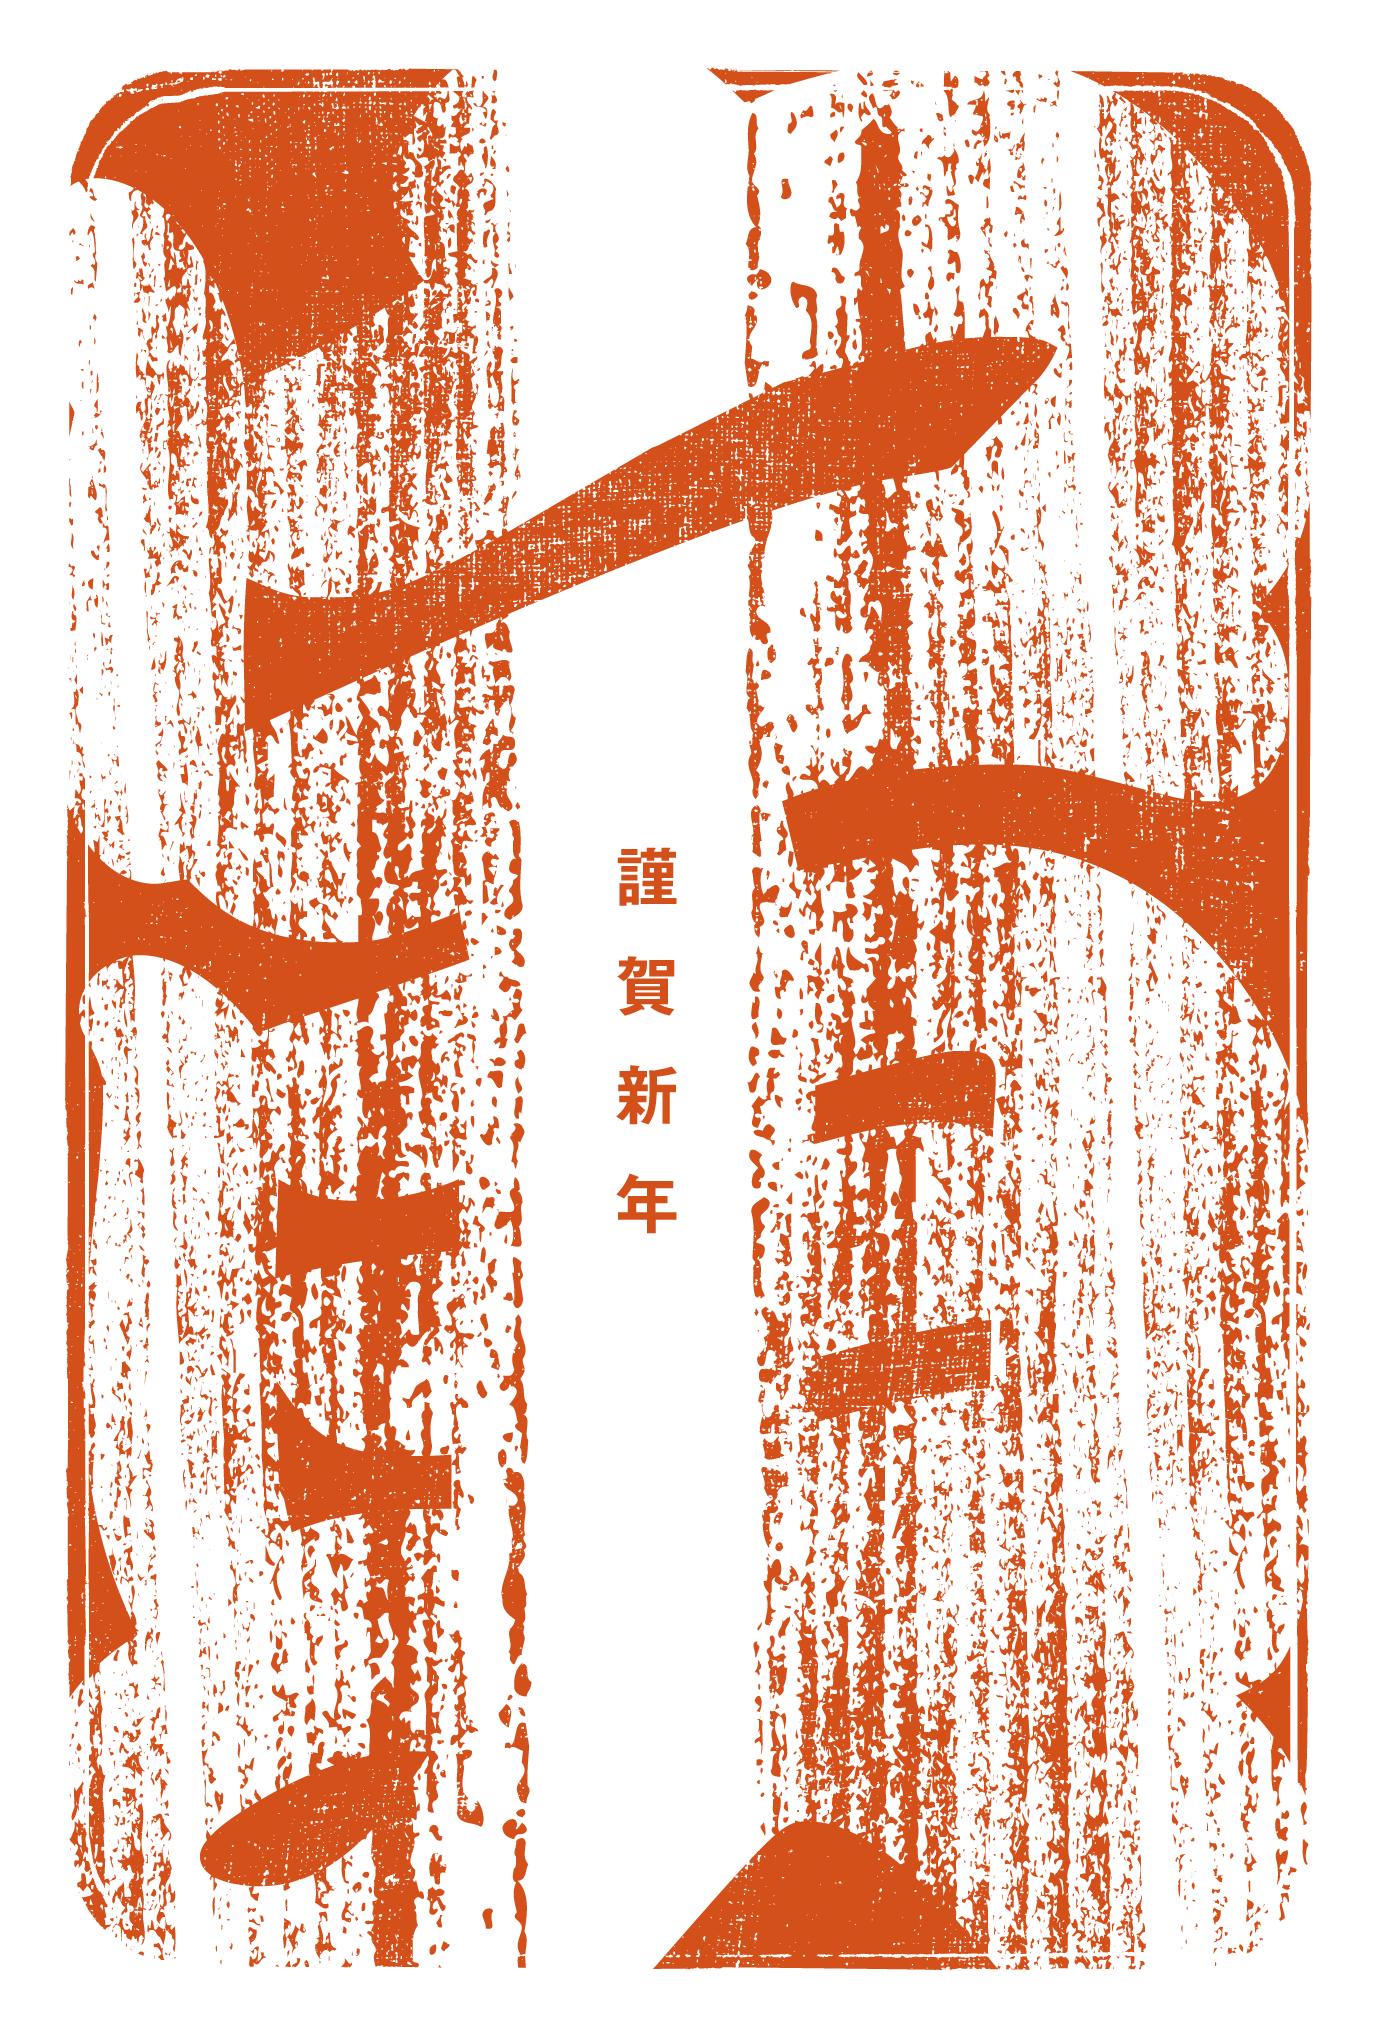 2021年賀状04-2:江戸勘亭流 / 寅(緋色)のダウンロード画像